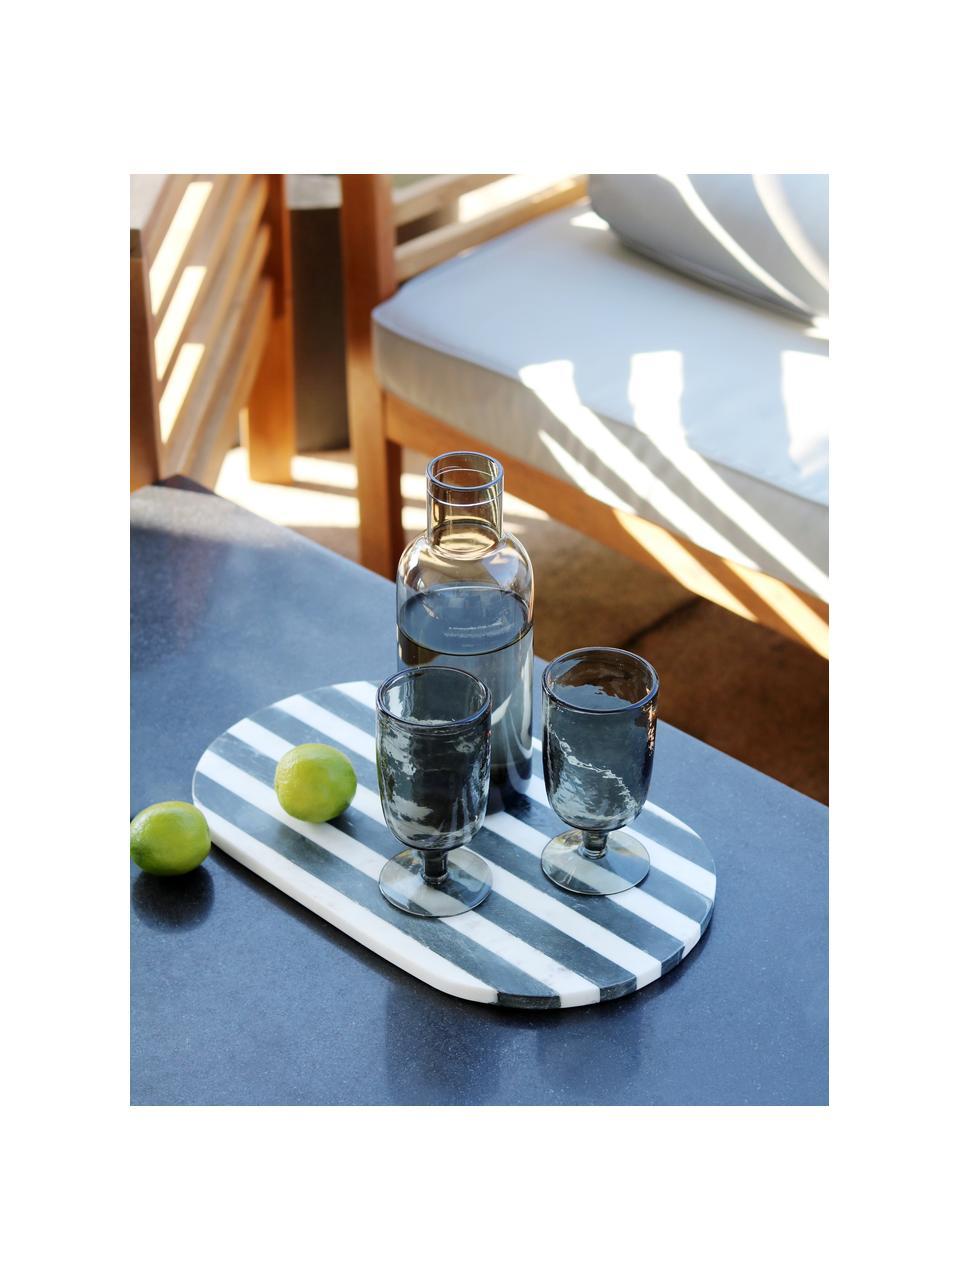 Karafka ze szkła Clearance, 1 l, Szary, transparentny, W 25 cm